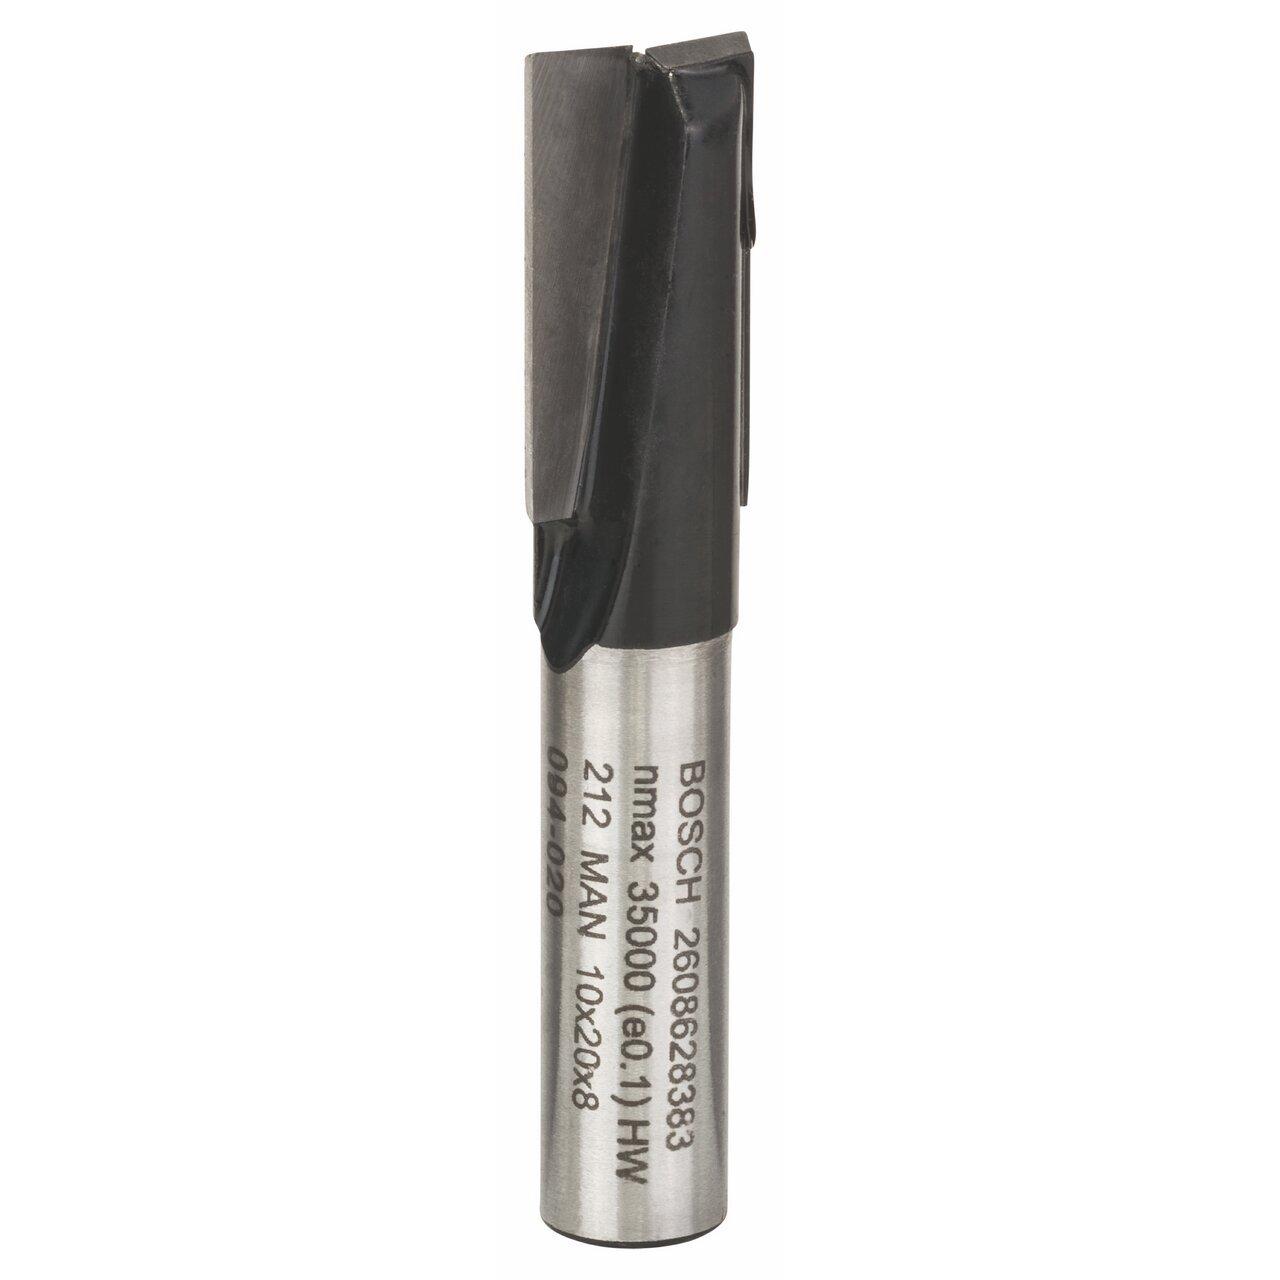 Bosch 2 608 628 383 - Fresas de ranurar - 8 mm, D1 10 mm, L 20 mm, G 51 mm (pack de 1) 2608628383